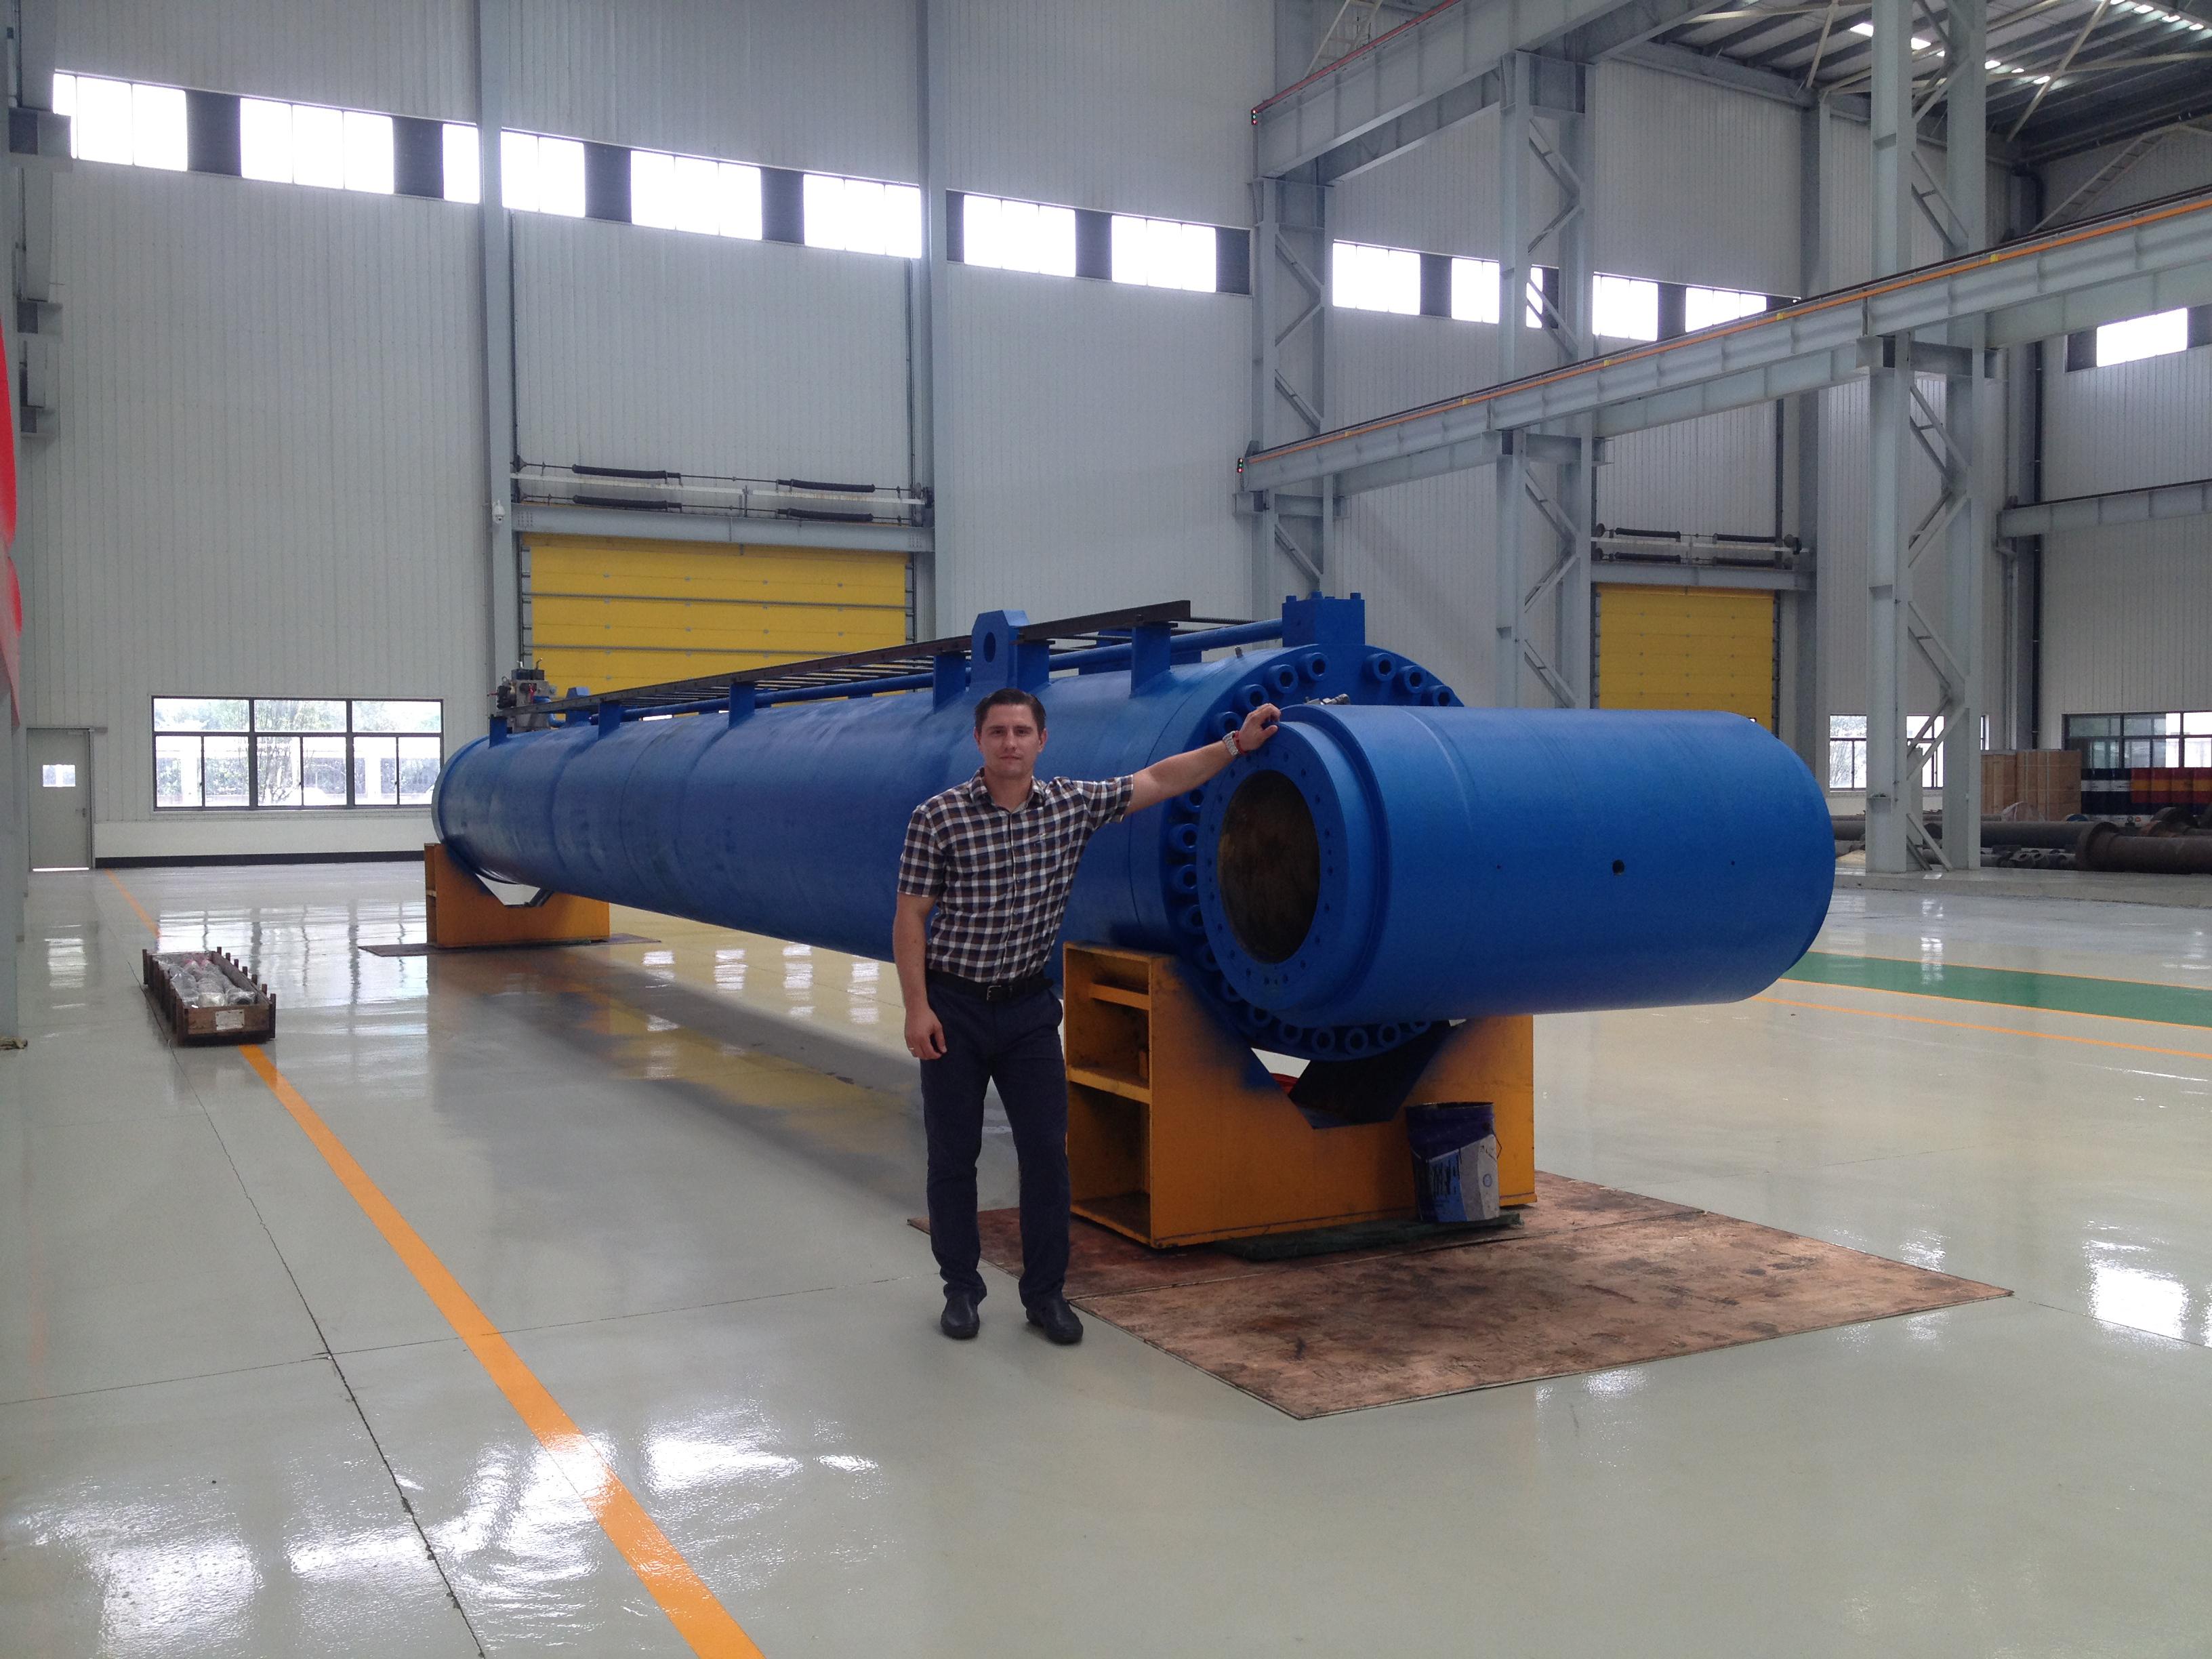 Директор представительства Gidroast в РФ, А.Н.Романов, на фоне гидроцилнидра произведенного для США